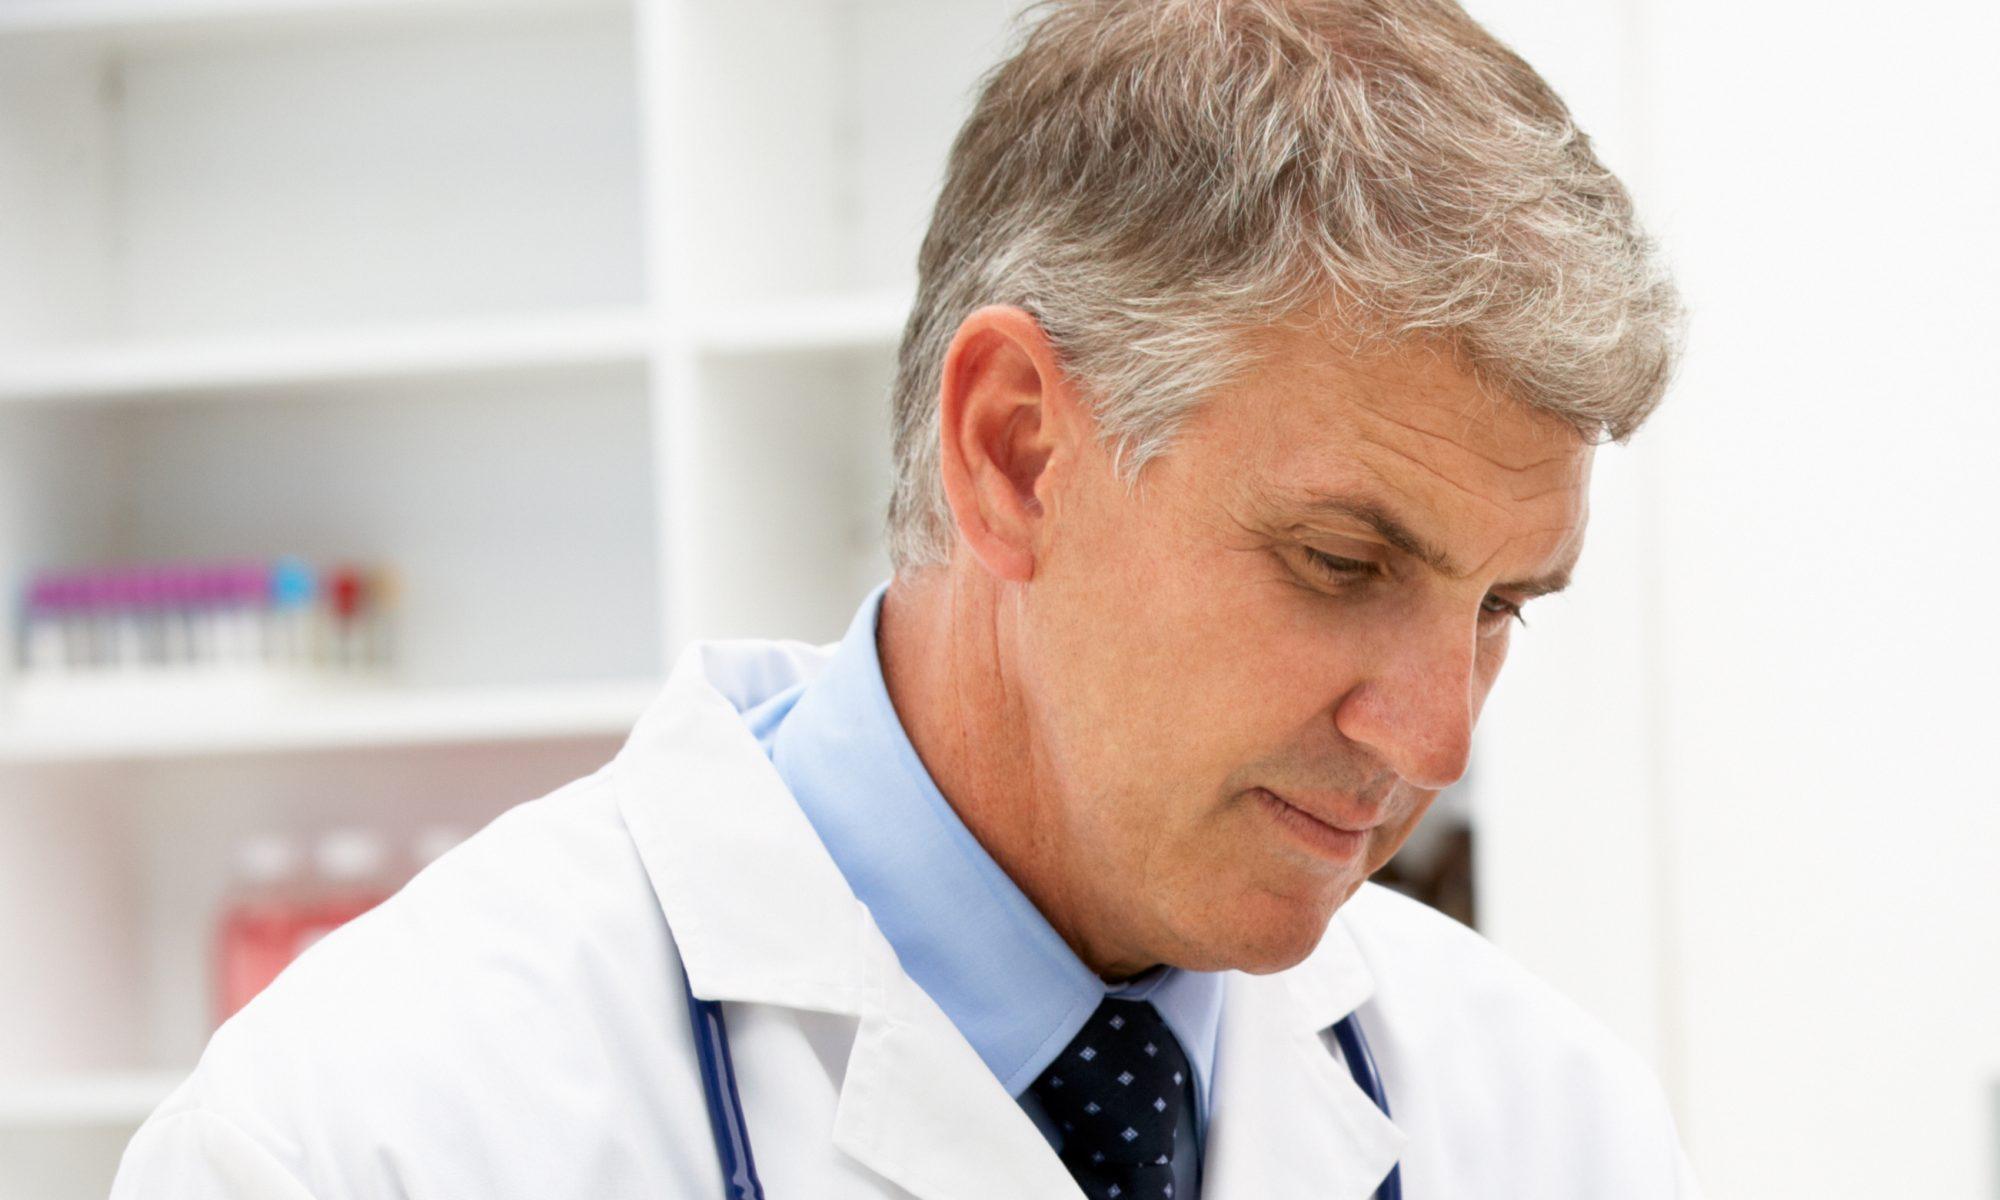 Arzt/Praxisausfall